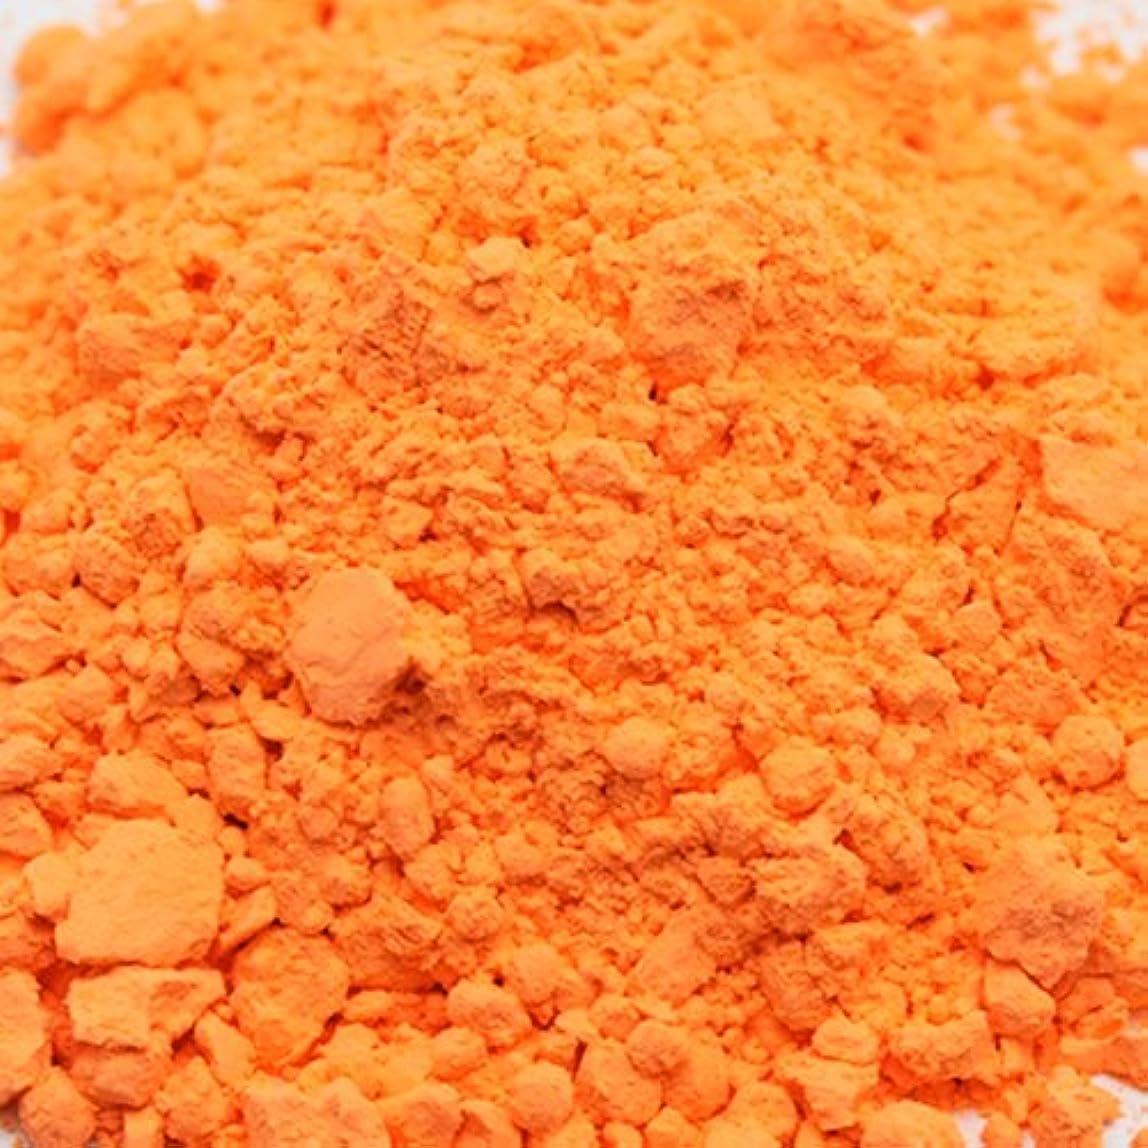 対応ライナー大量キャンディカラー オレンジ 5g 【手作り石鹸/手作りコスメ/色付け/カラーラント/オレンジ】